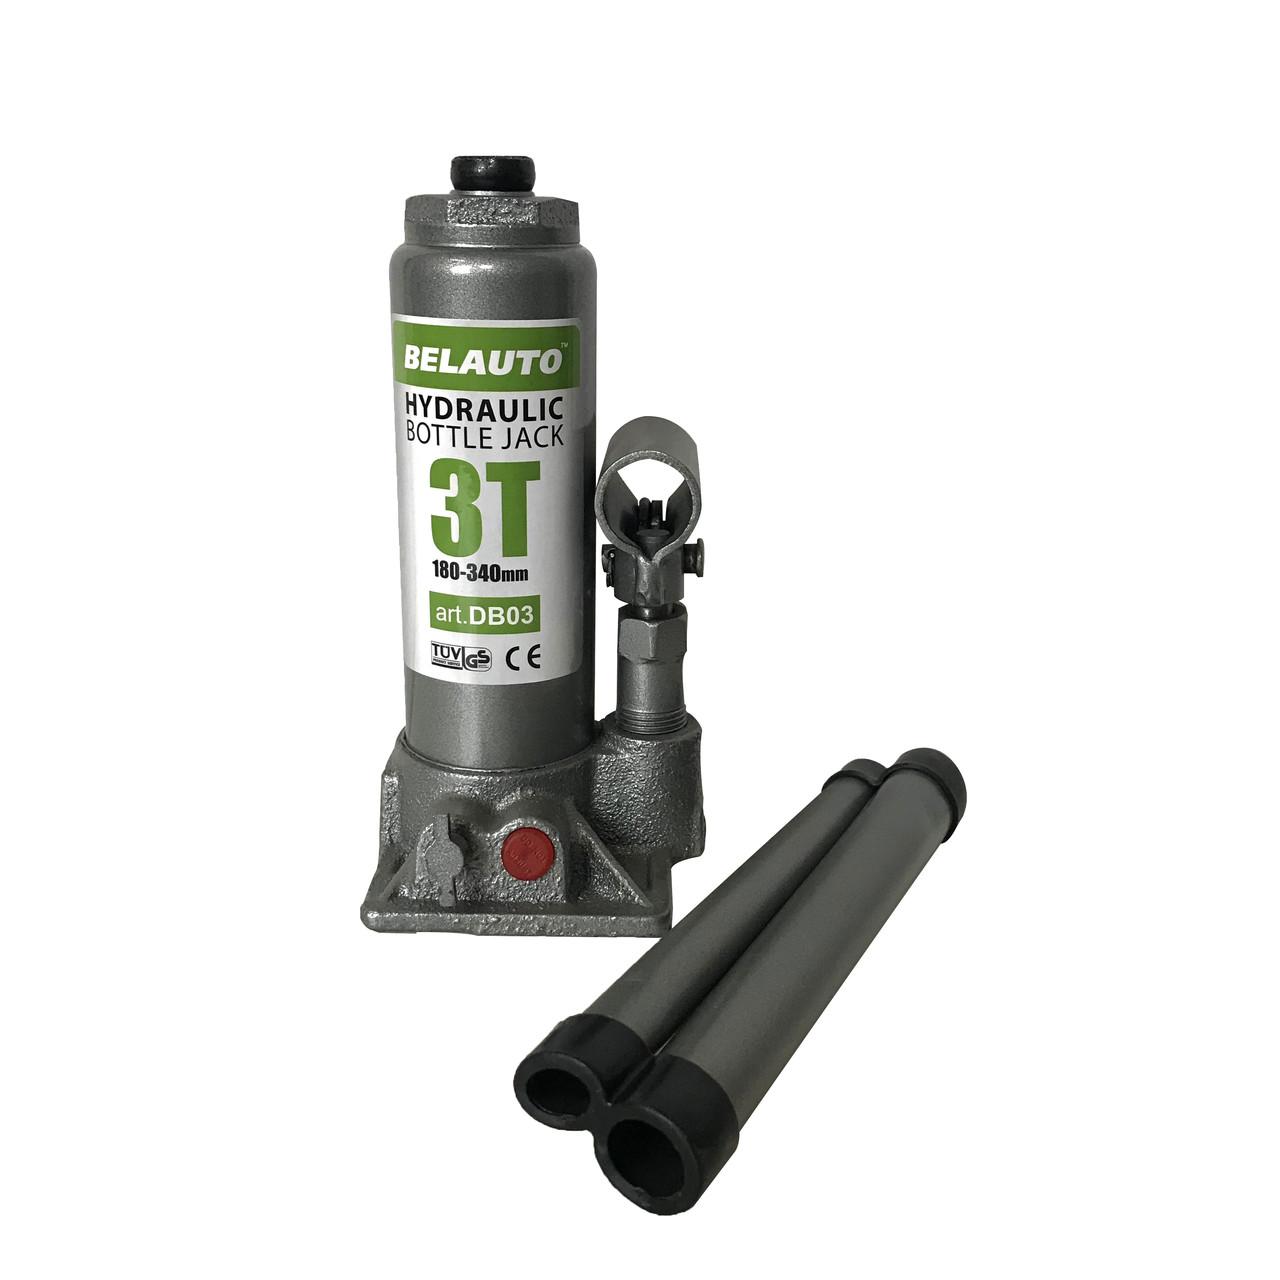 Домкрат БЕЛАВТО DB03 гидравлический (бутылочный) 3 Т, Высота подъема: 180-340мм